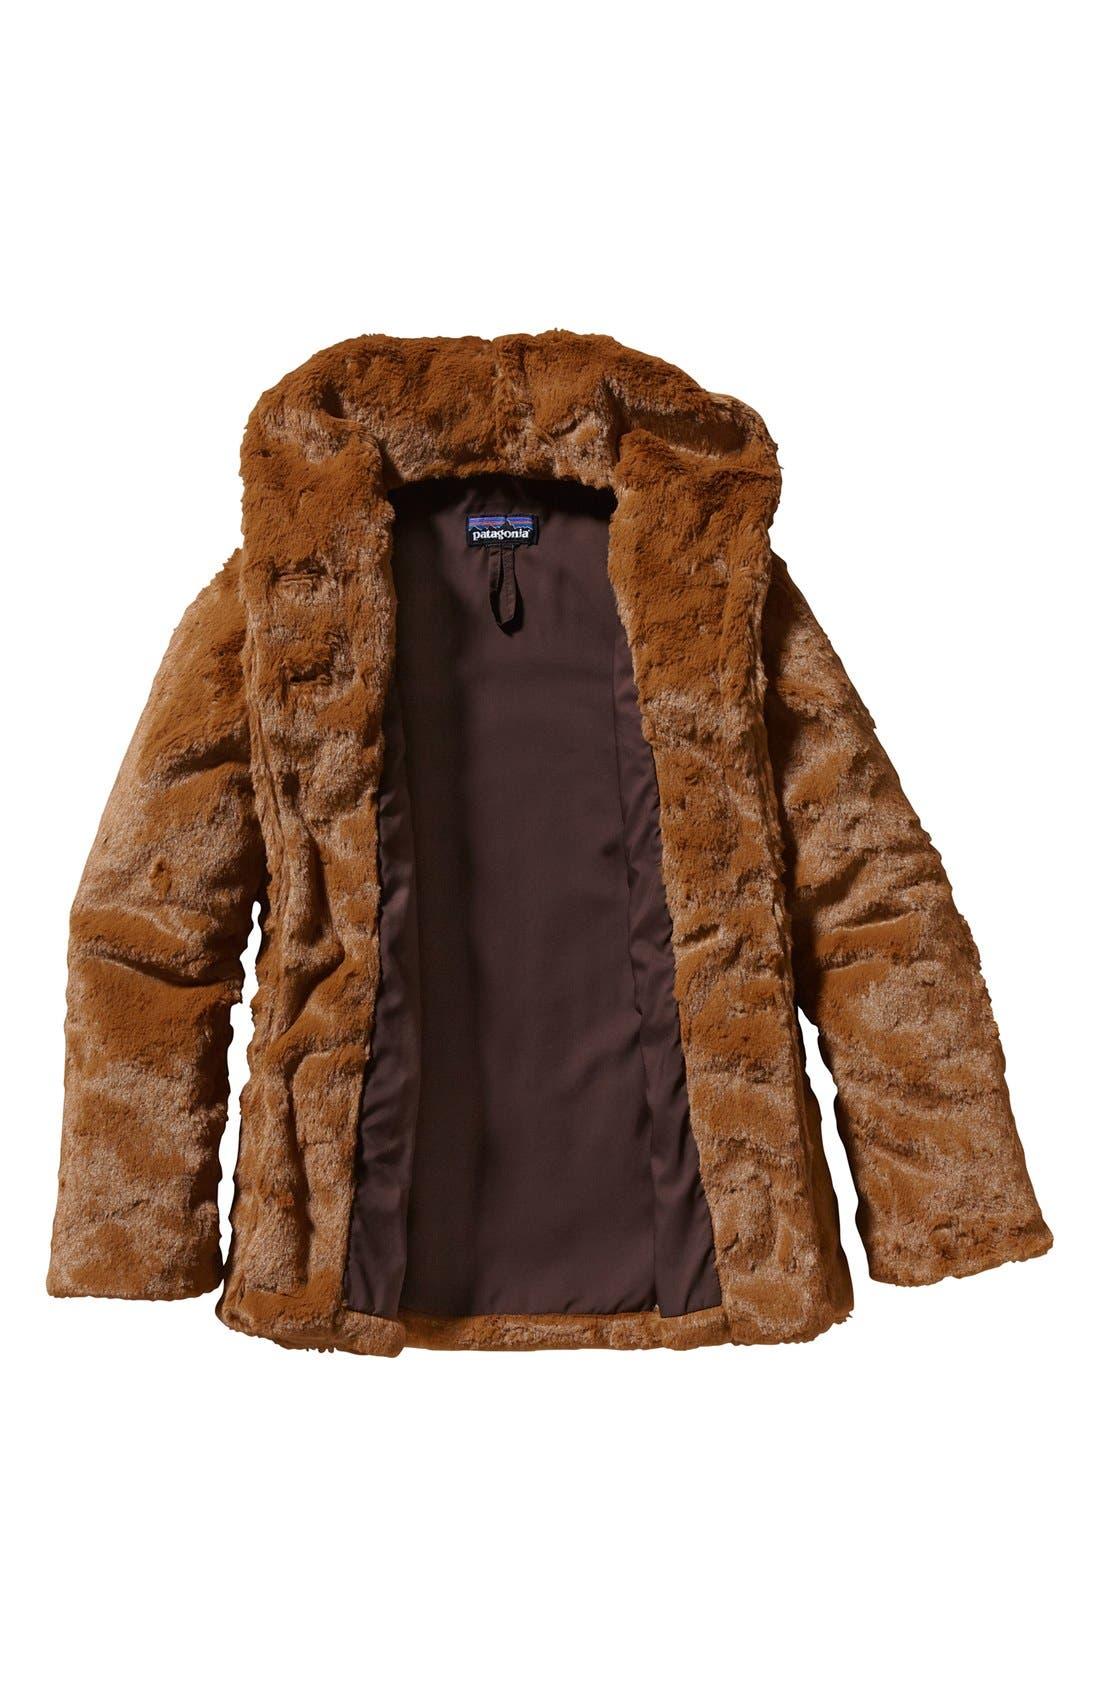 Alternate Image 2  - Patagonia 'Pelage' Jacket (Little Girls & Big Girls)